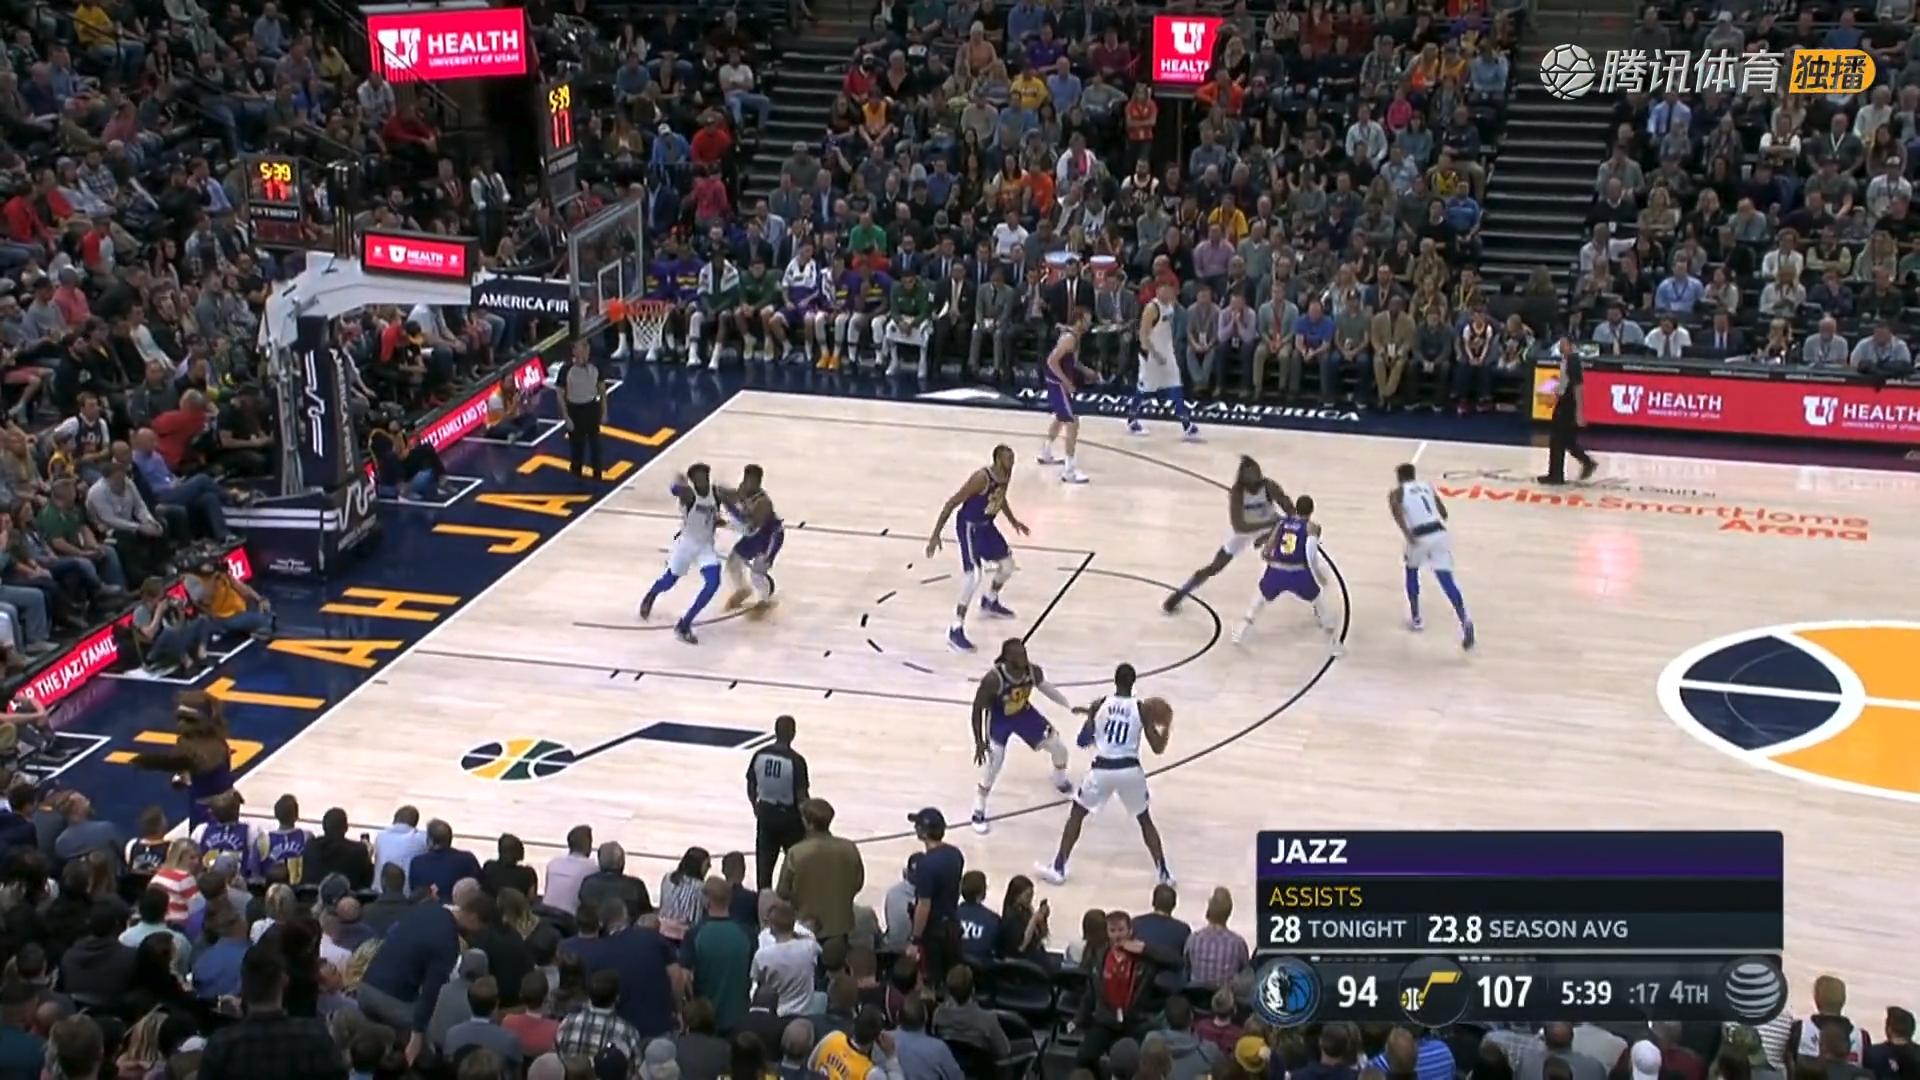 2018年11月8日 NBA常规赛 独行侠VS爵士 全场高清录像回放-麦豆网